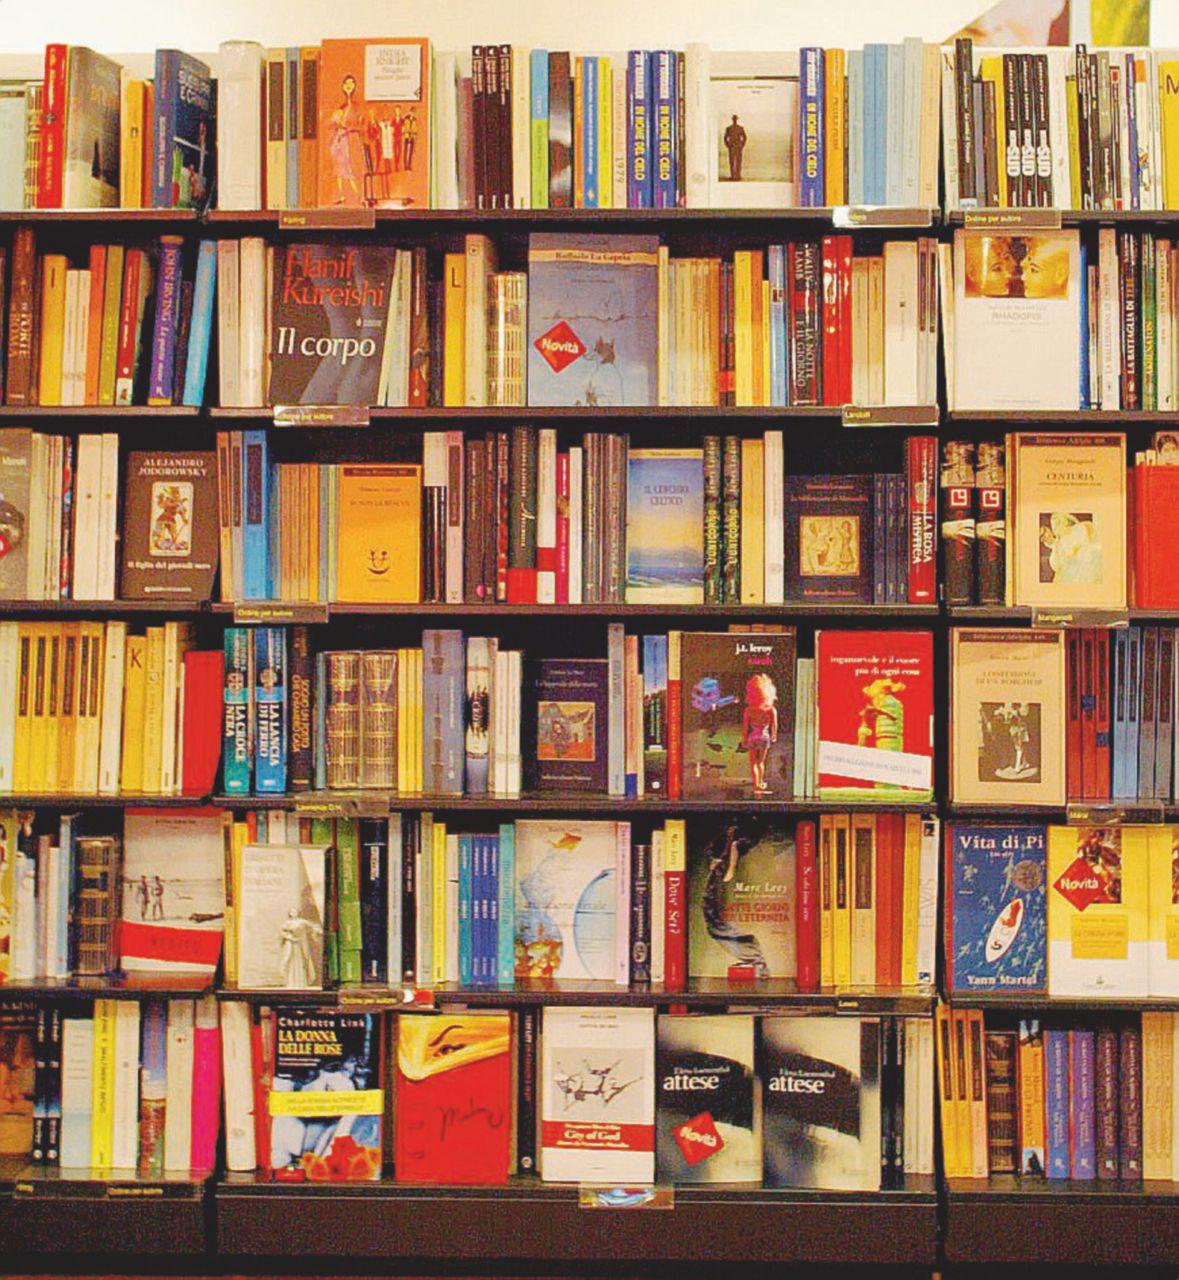 La sua casa di carta a Dorsoduro: rifugio di libri e di silenzio